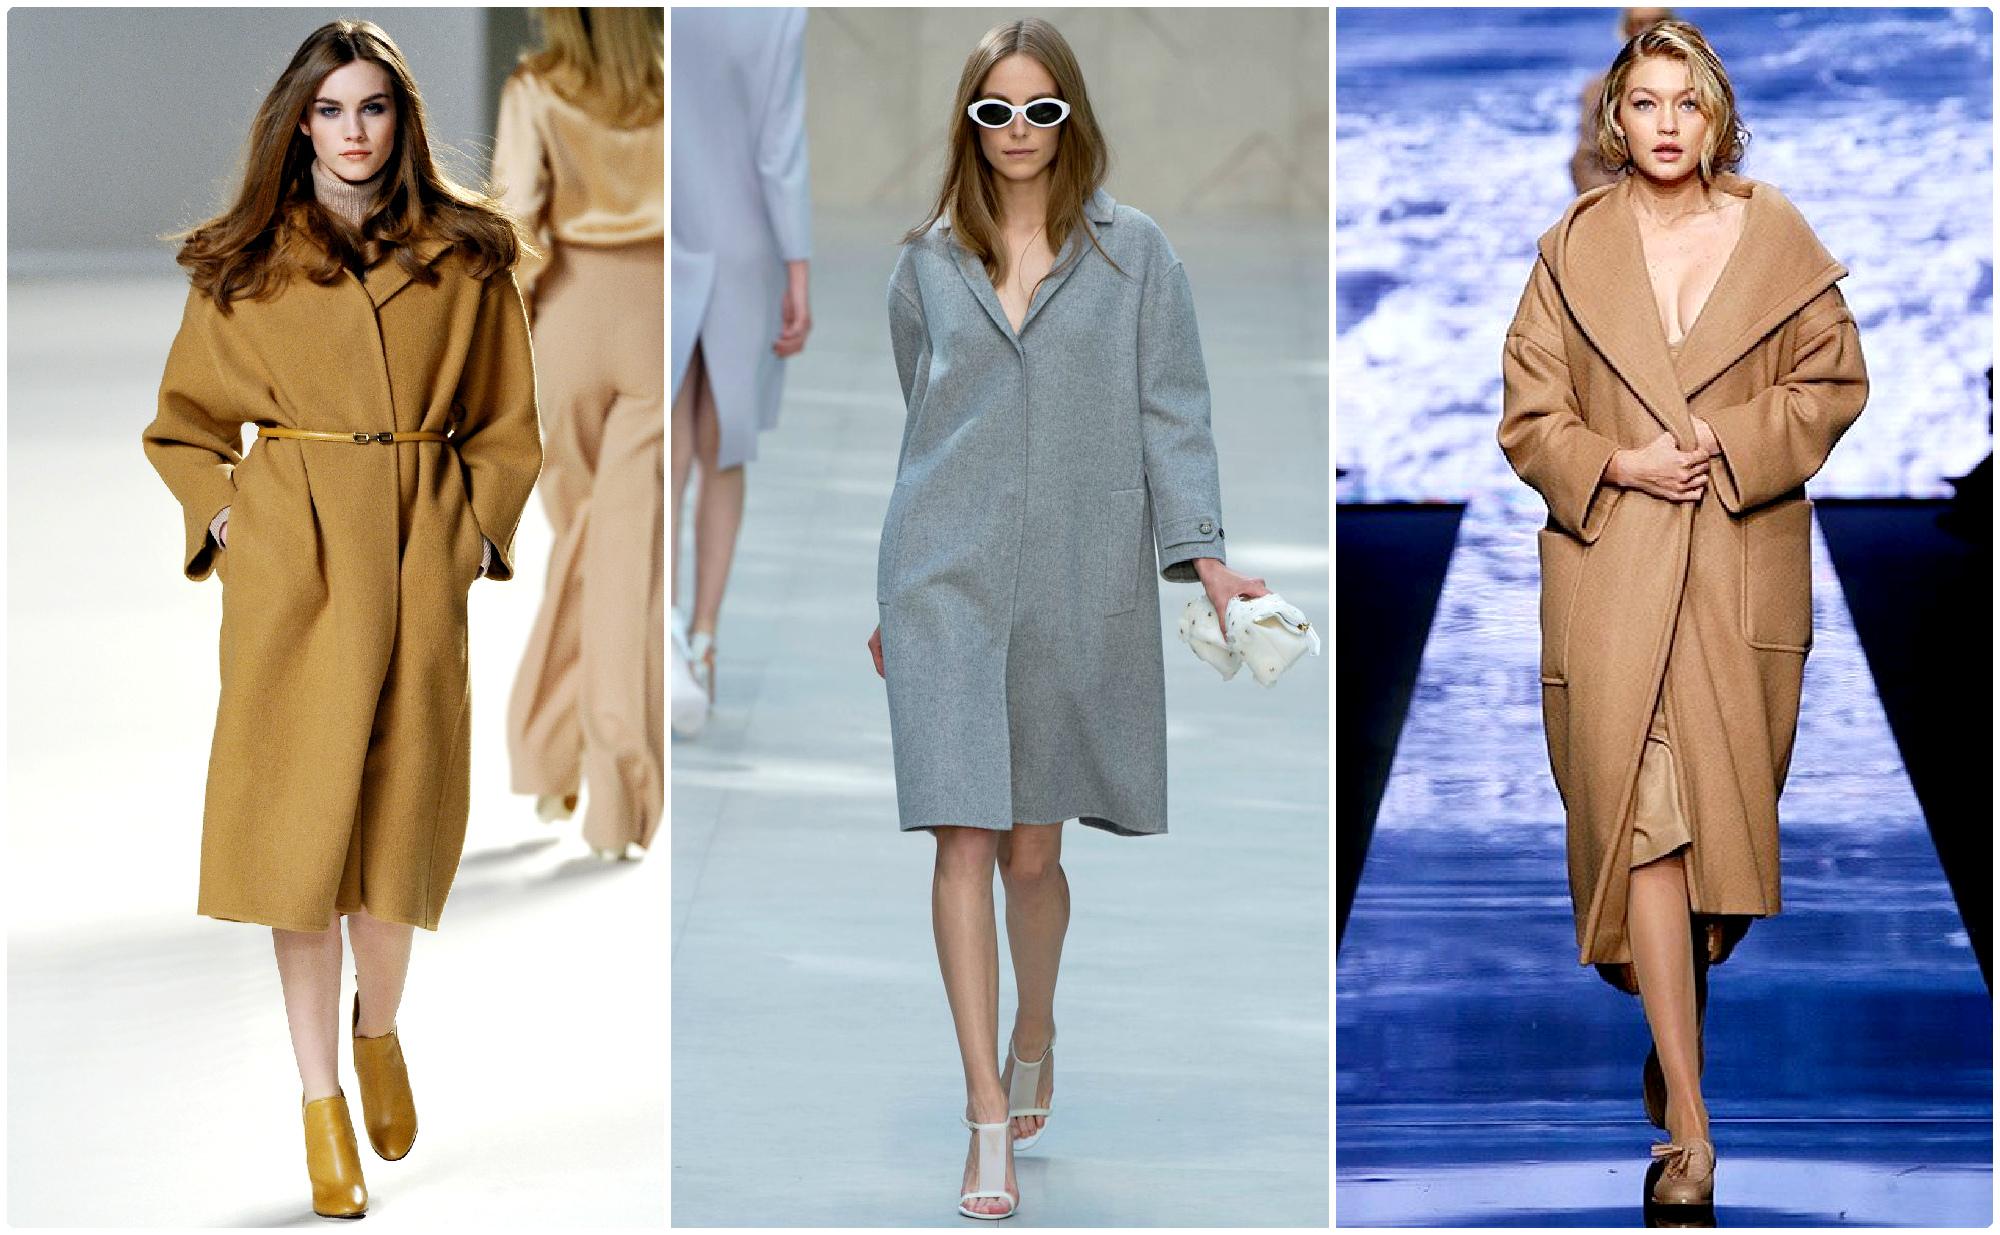 Stilago - Стиляга. Мода и стиль жизни. Одежда мировых брендов и тренды